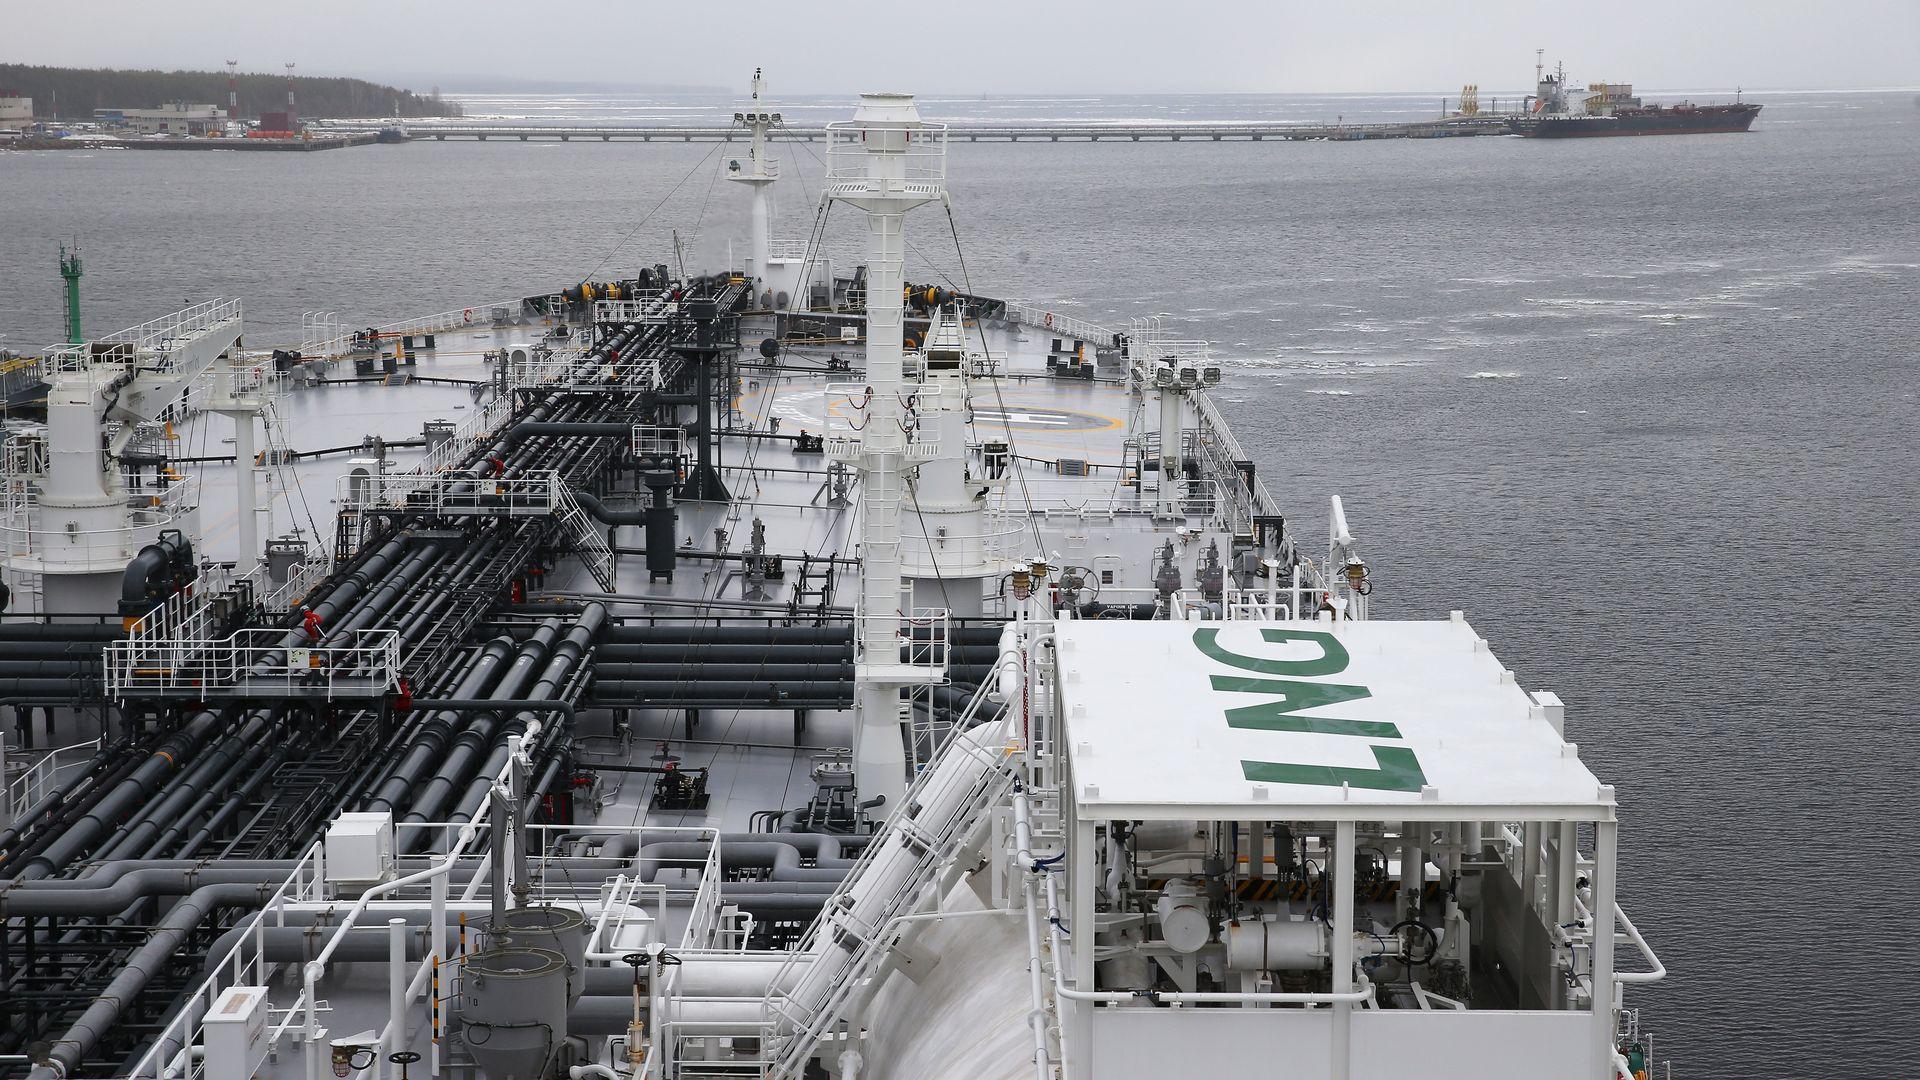 Mendeleev Prospect oil tanker